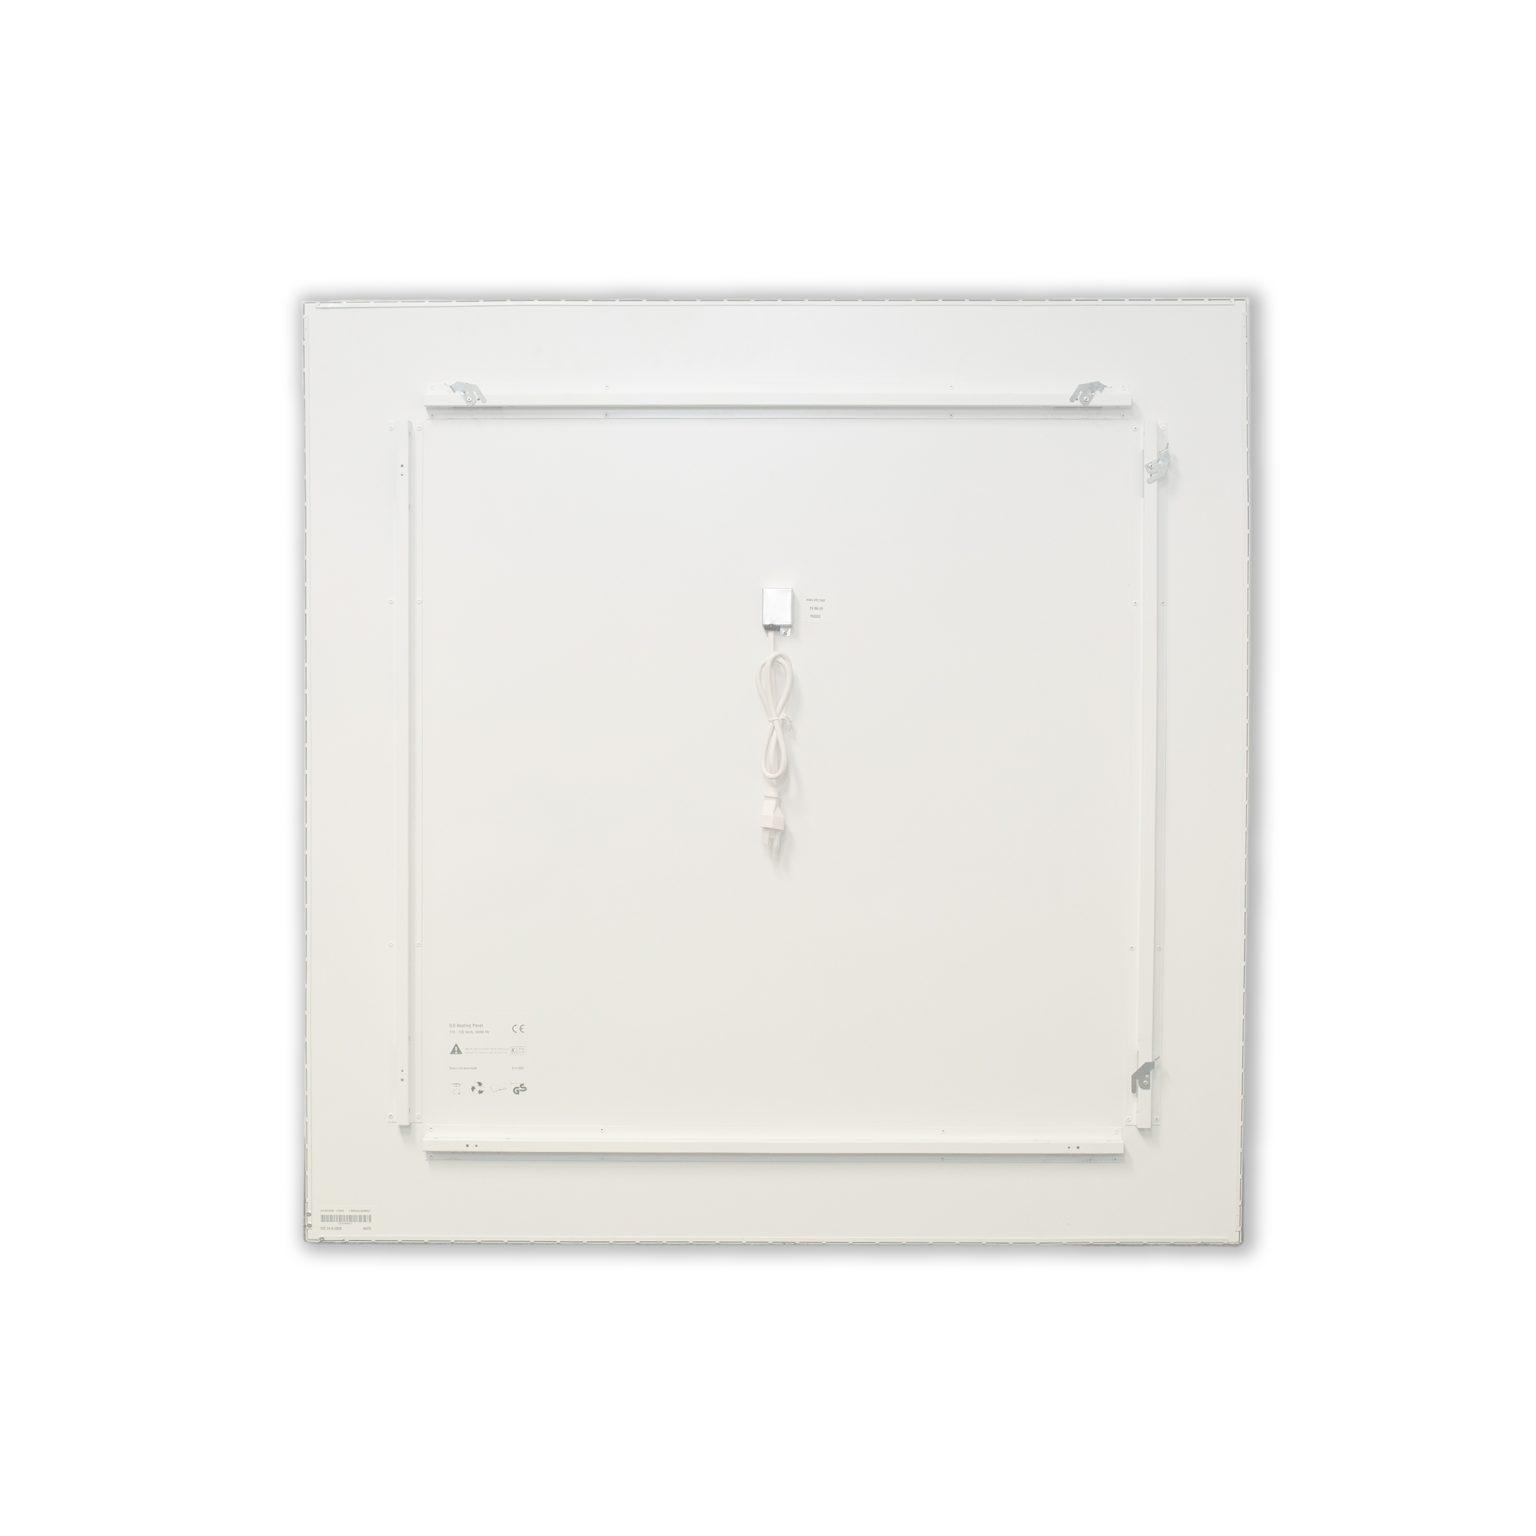 """SI Series 41"""" x 41"""" 1100 Watt - Back View"""